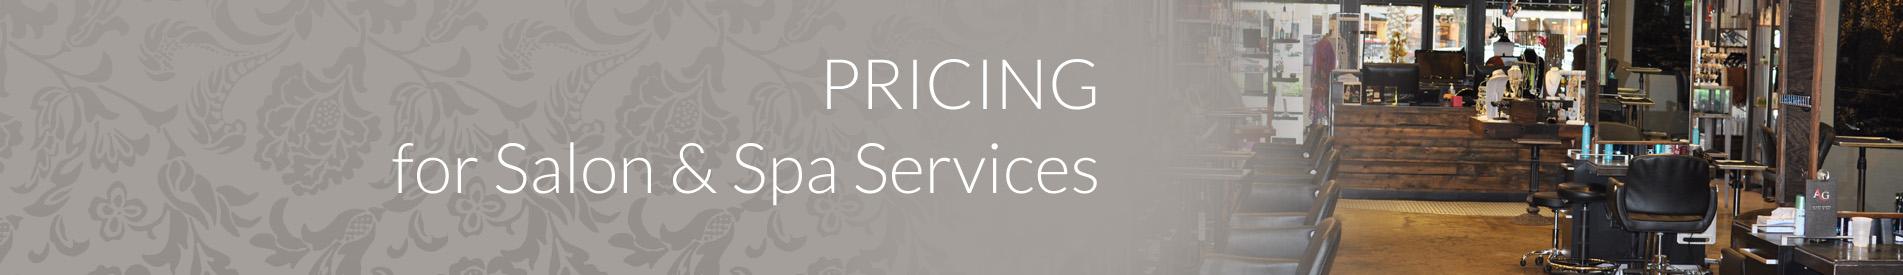 Hair Salon and Nail Spa Pricing